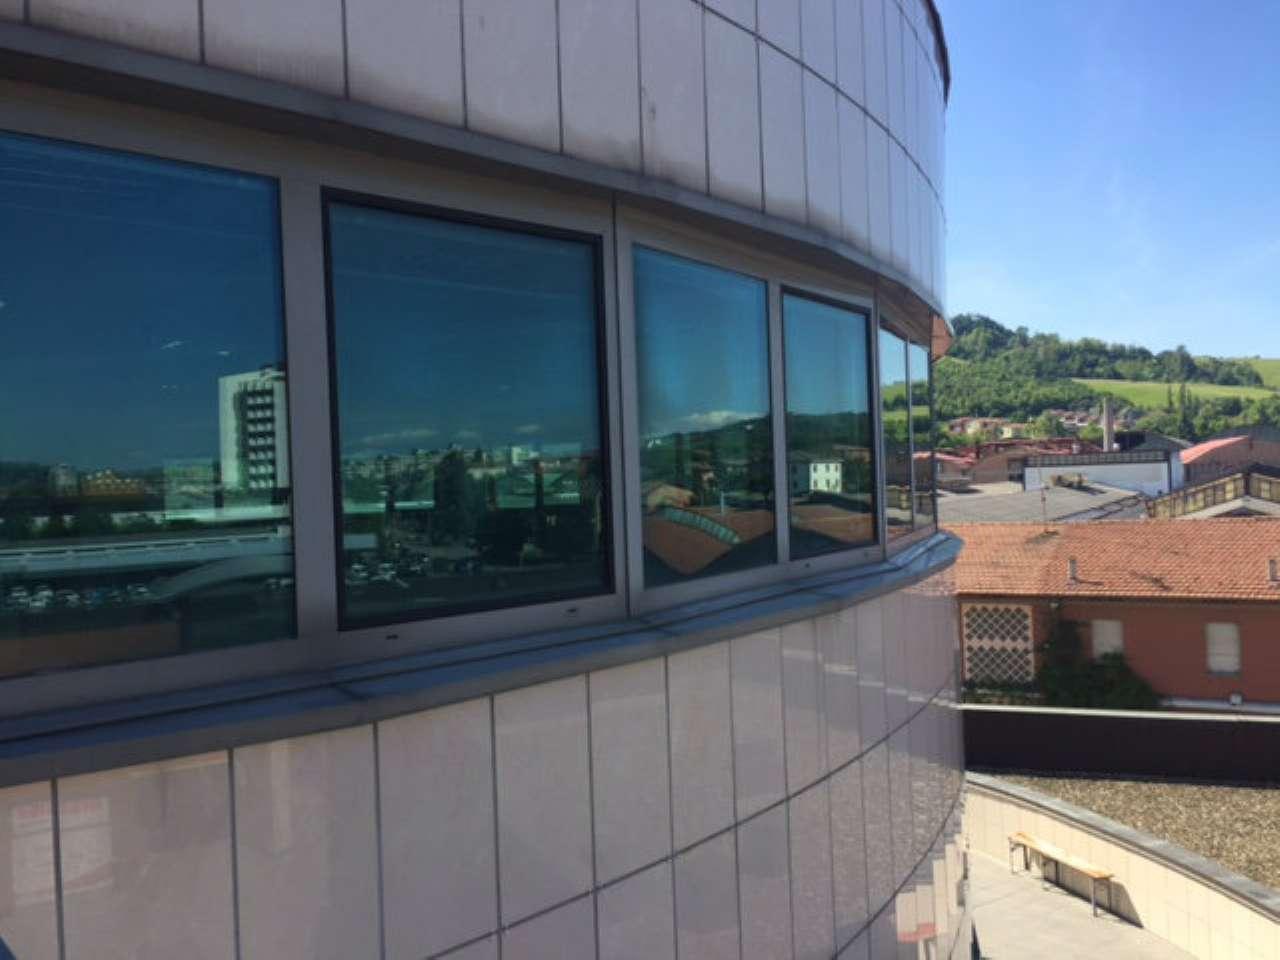 Ufficio / Studio in vendita a Sassuolo, 9999 locali, prezzo € 220.000 | CambioCasa.it